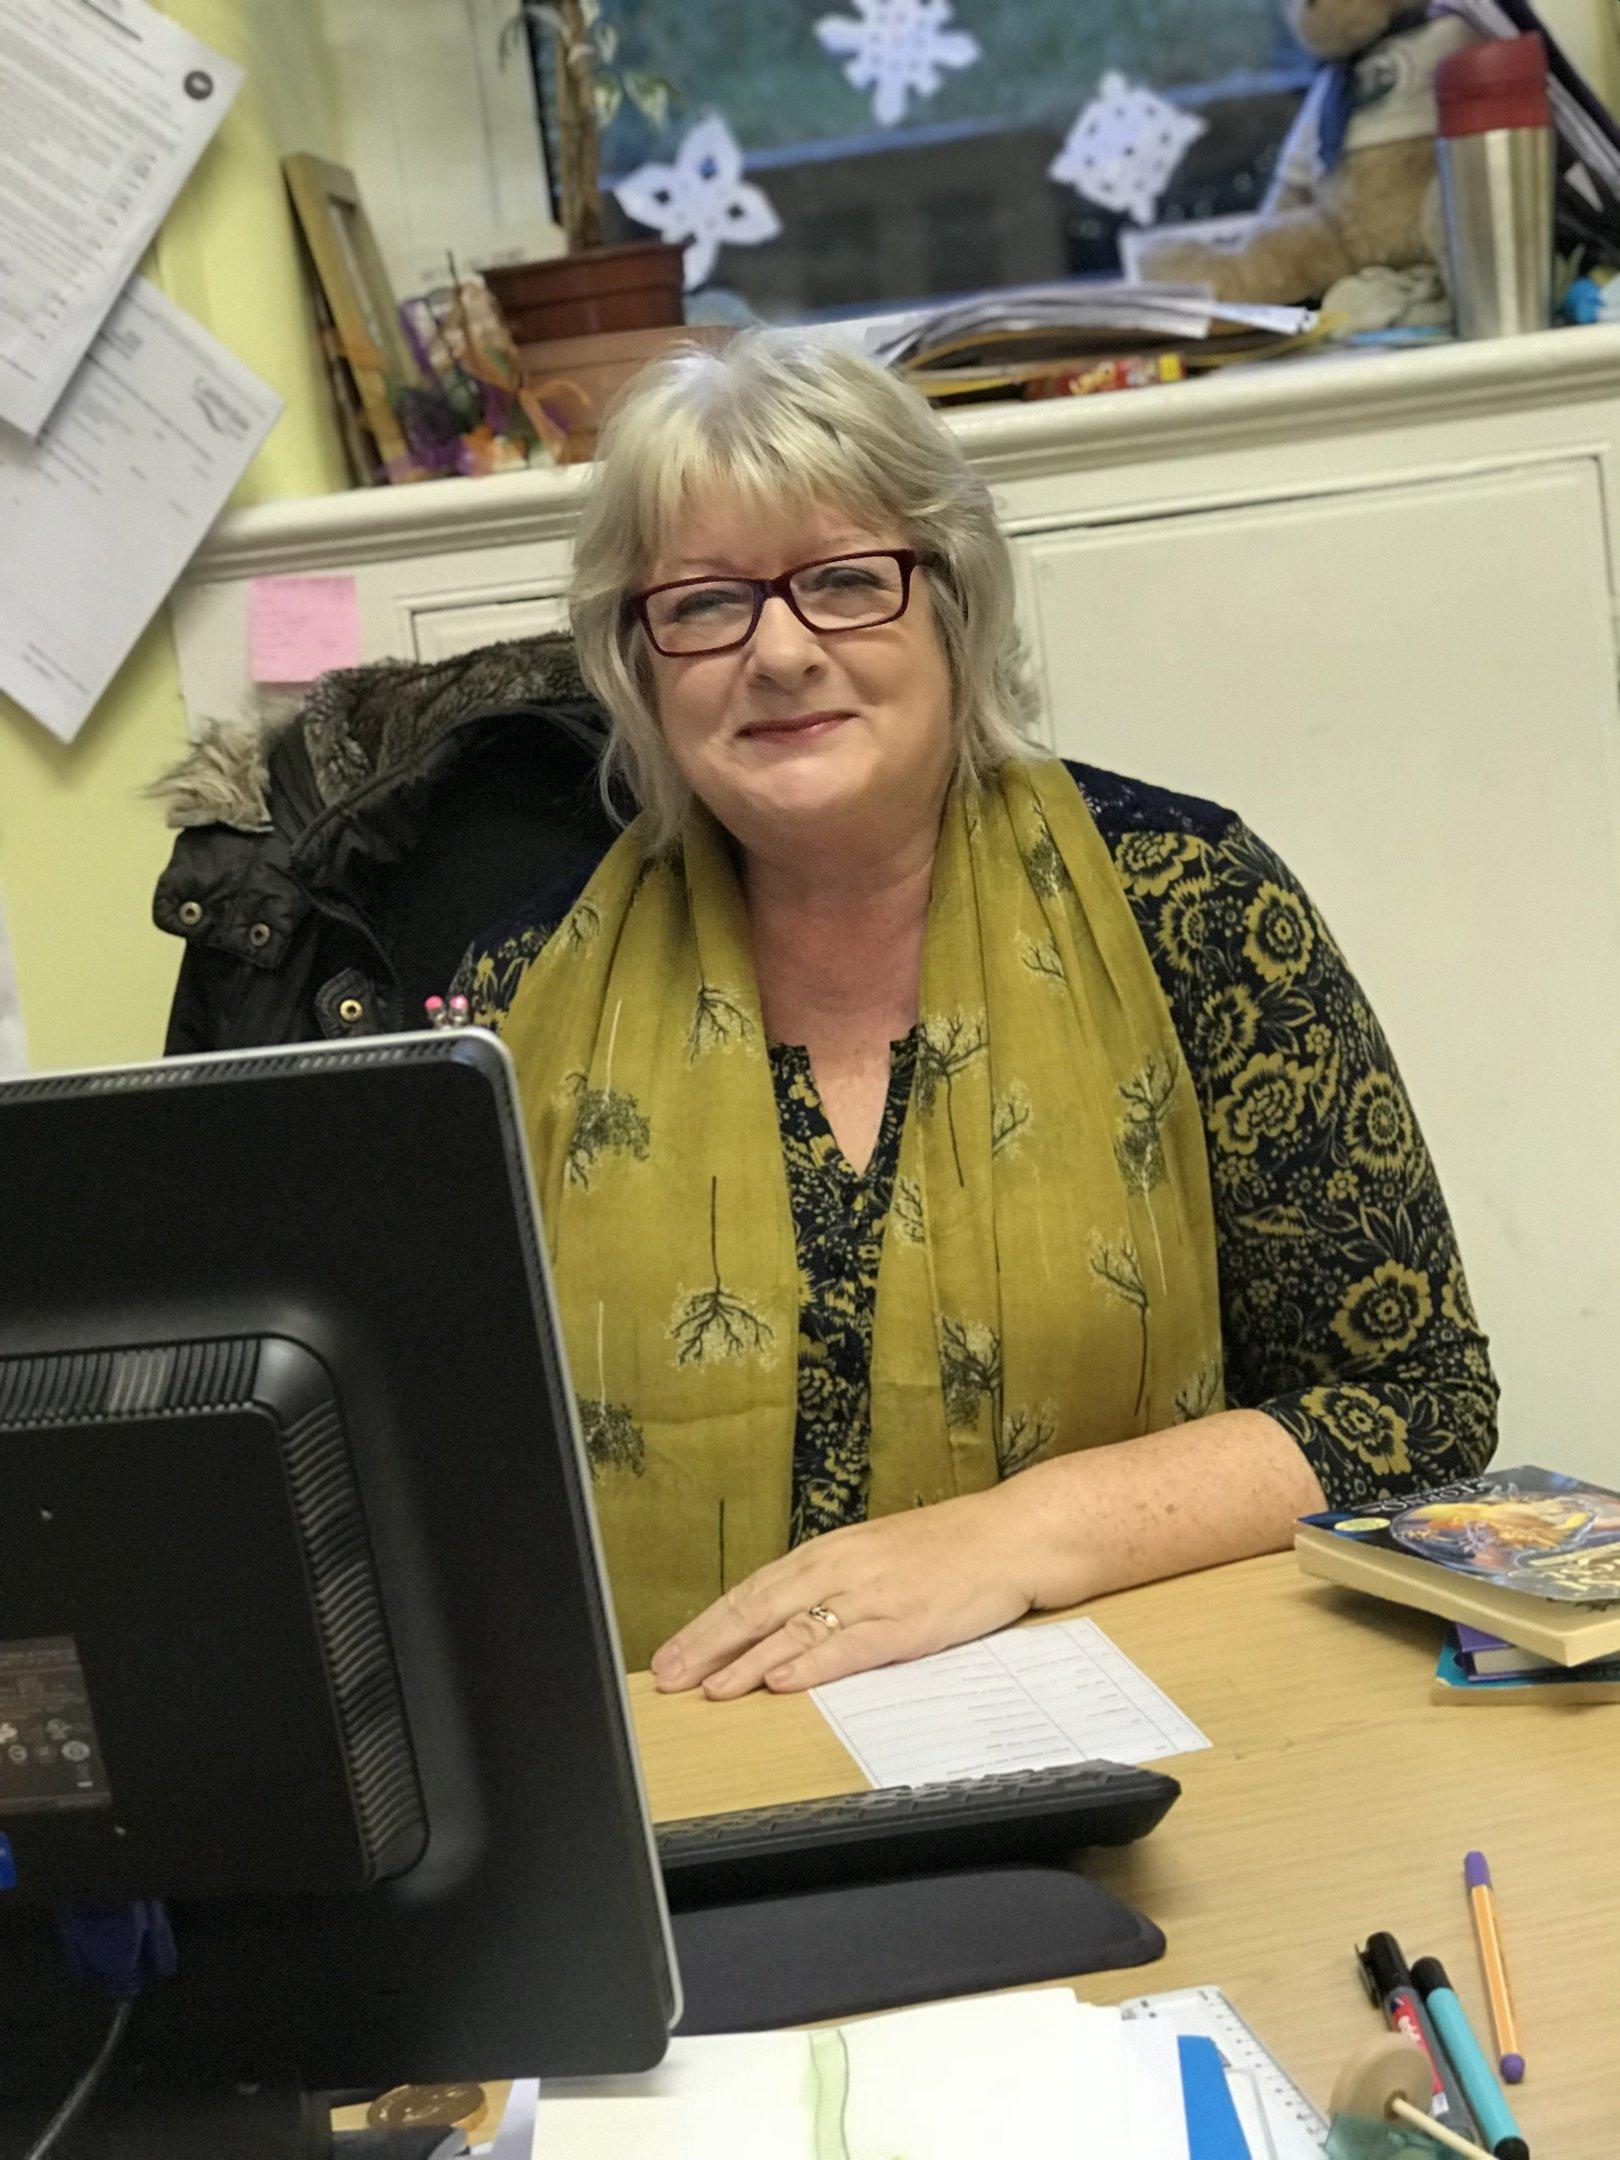 Mrs Clough